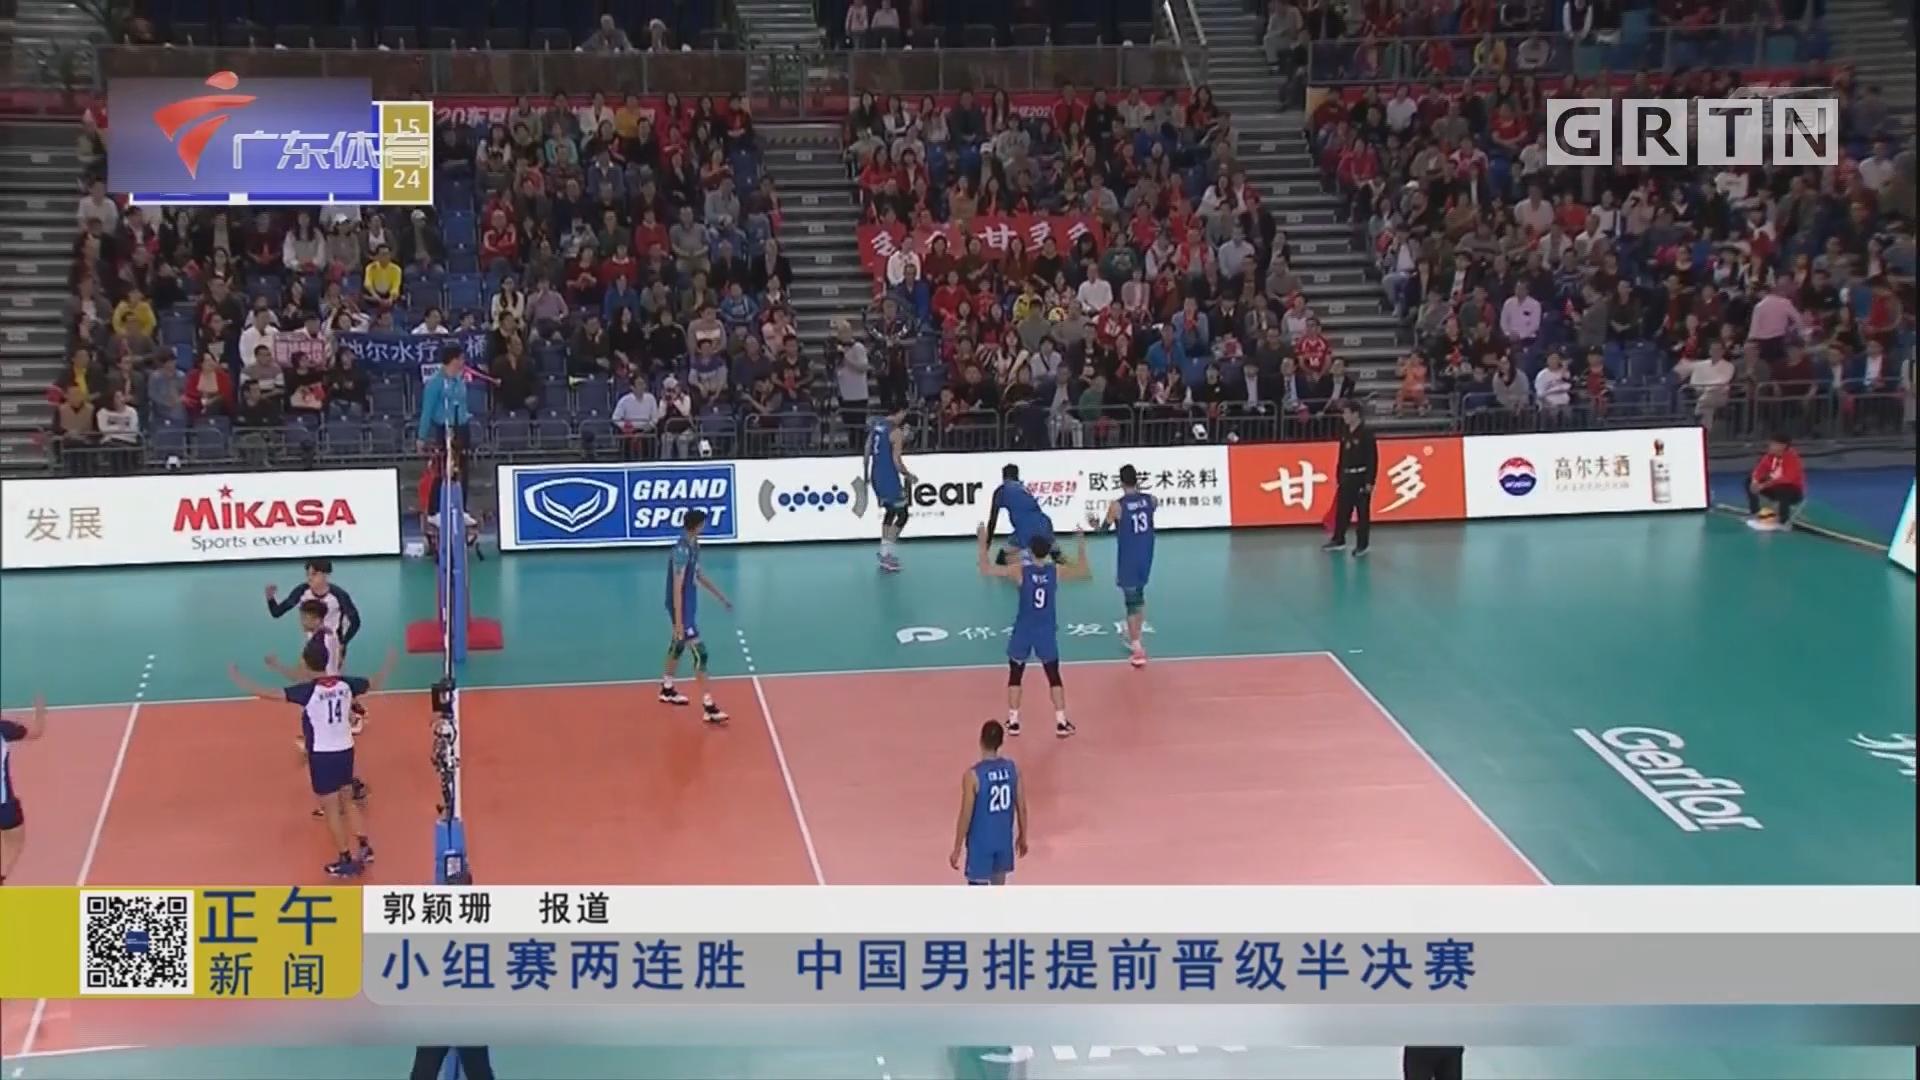 小组赛两连胜 中国男排提前晋级半决赛